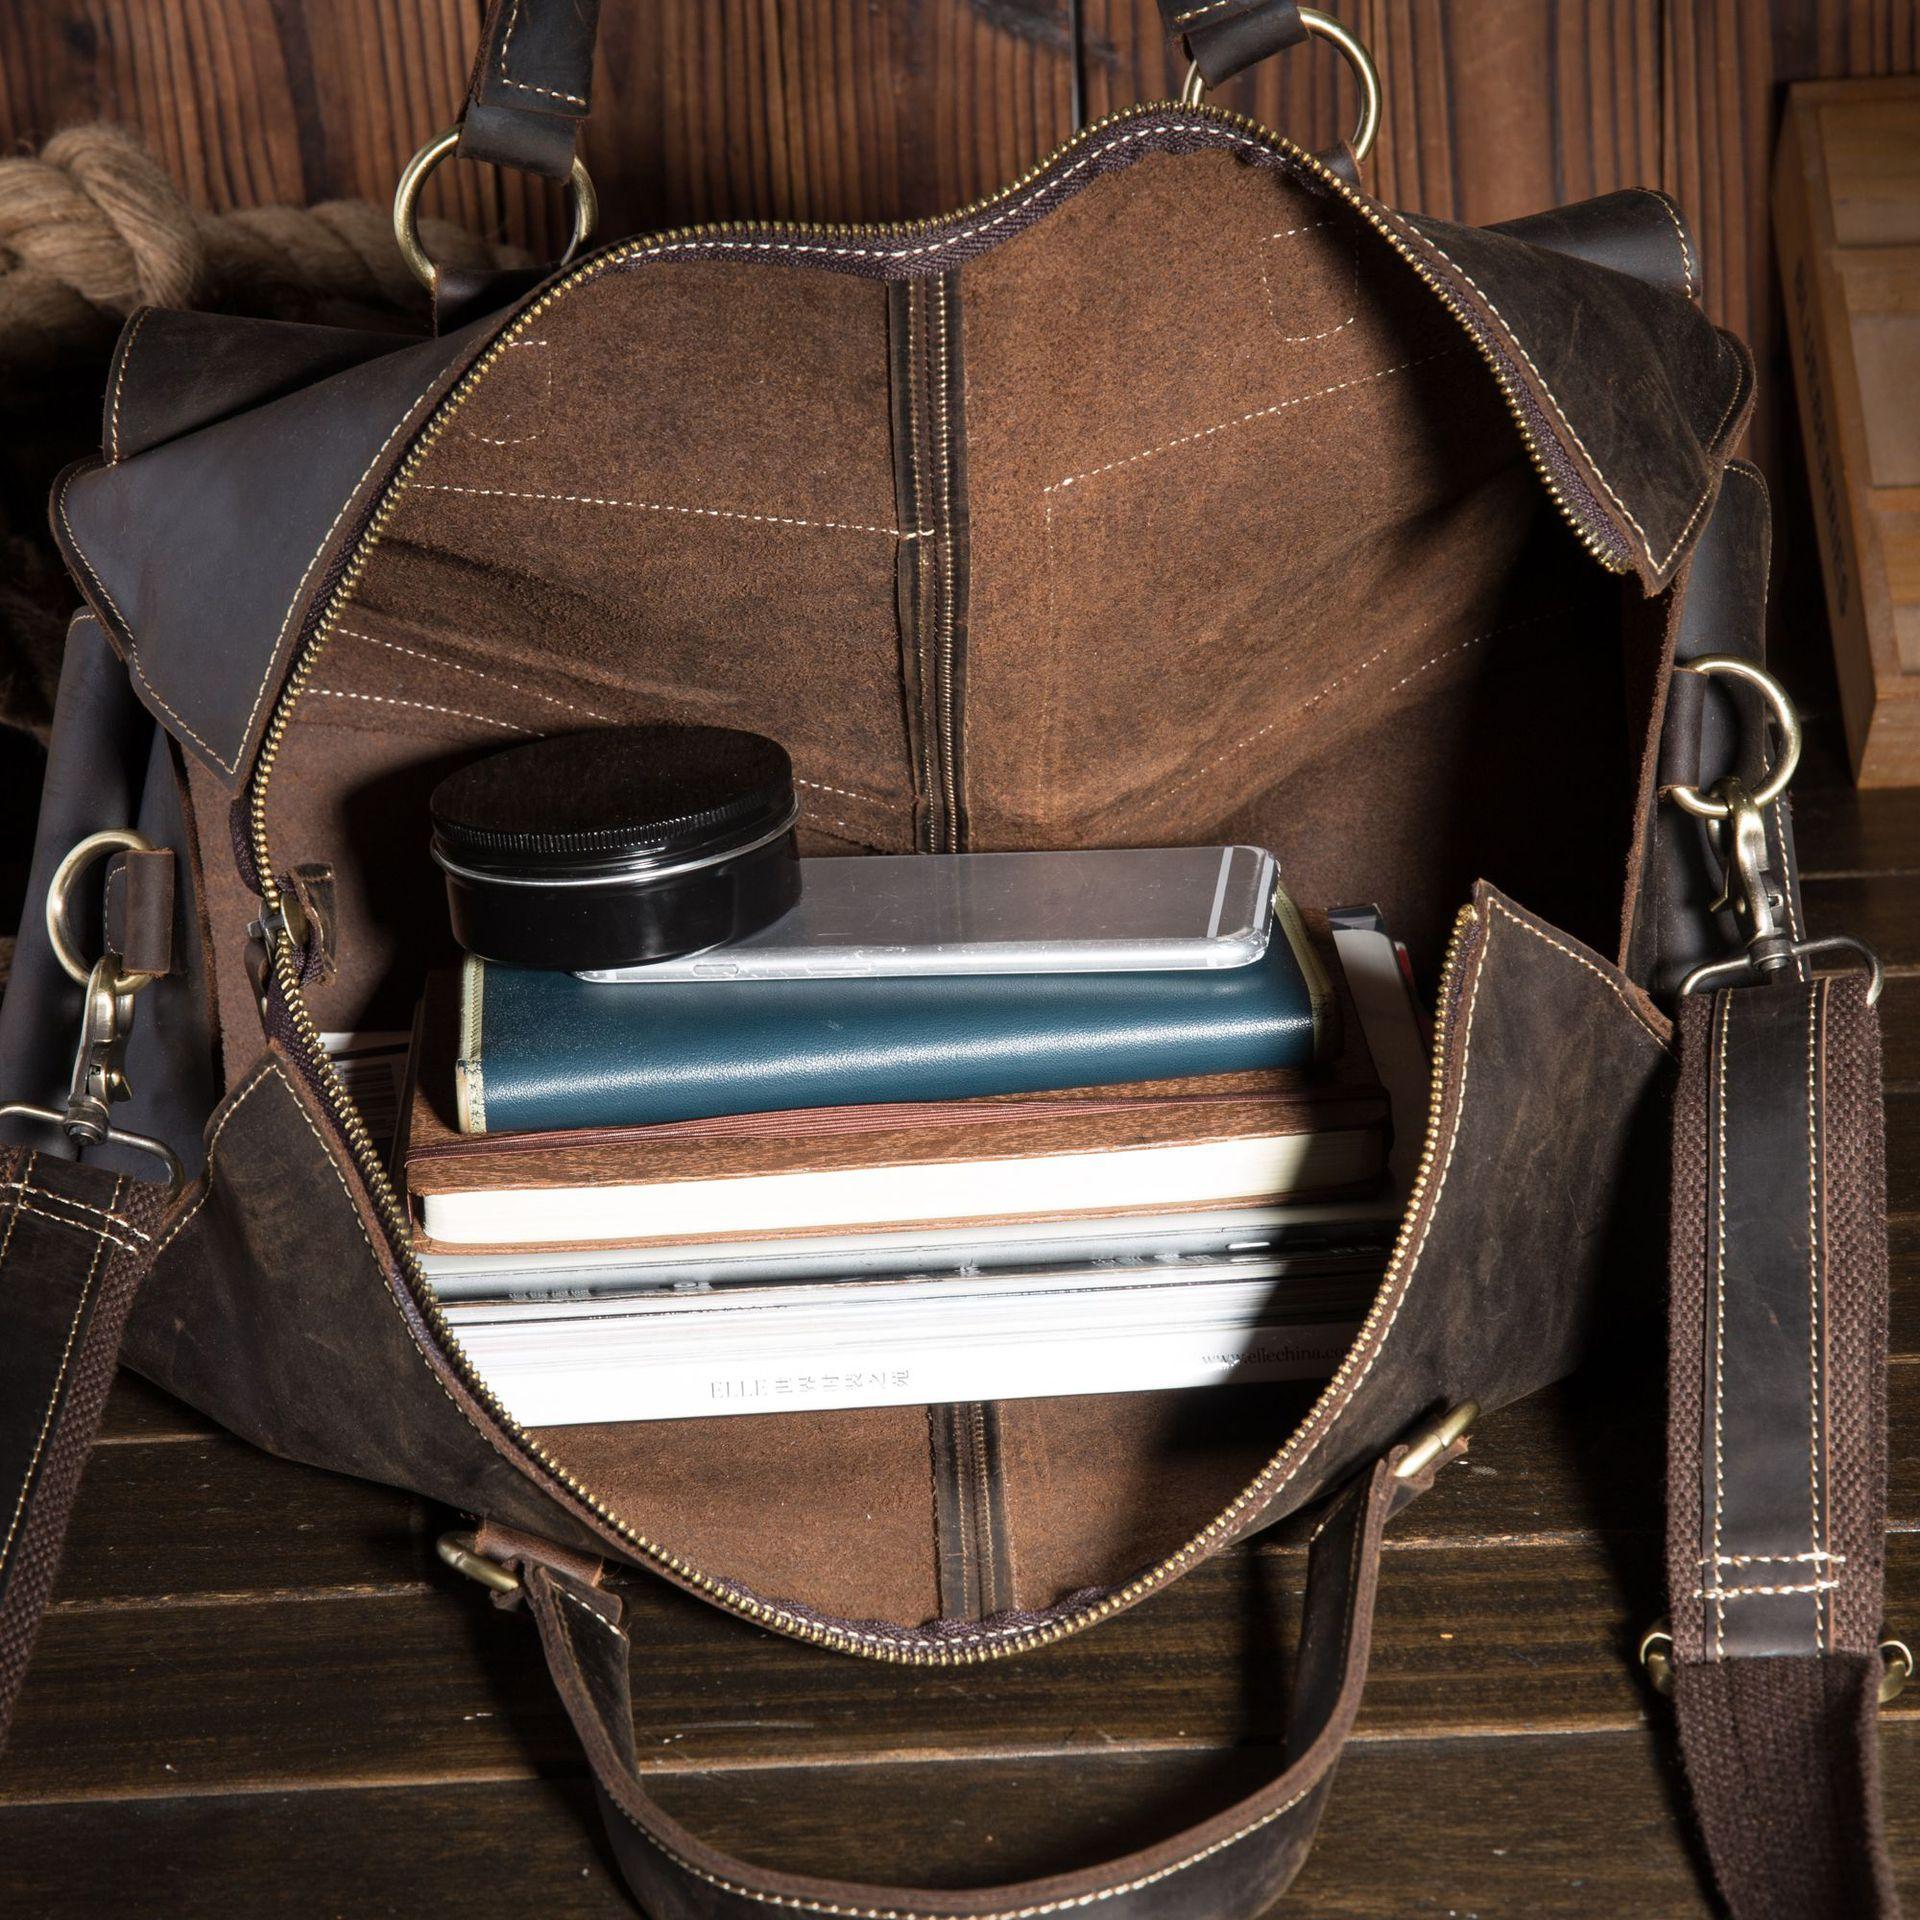 Neweekend дорожная большая сумка для мужчин, повседневный чемодан, ручная сумка из натуральной кожи для бизнеса, качественная сумка через плечо - 5